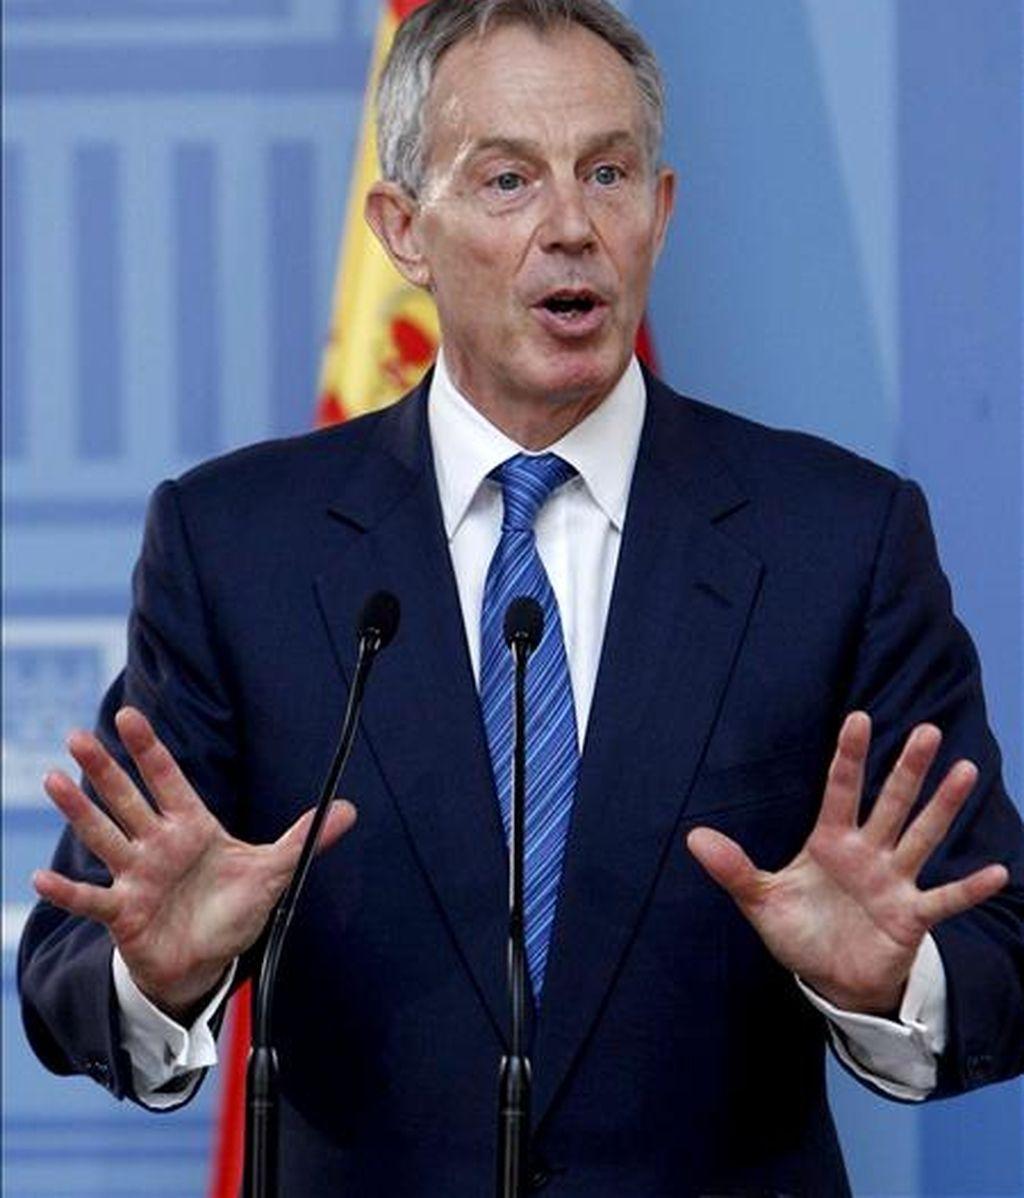 El ex primer ministro británico y enviado especial del Cuarte de Madrid para Oriente Medio, Tony Blair. EFE/Archivo